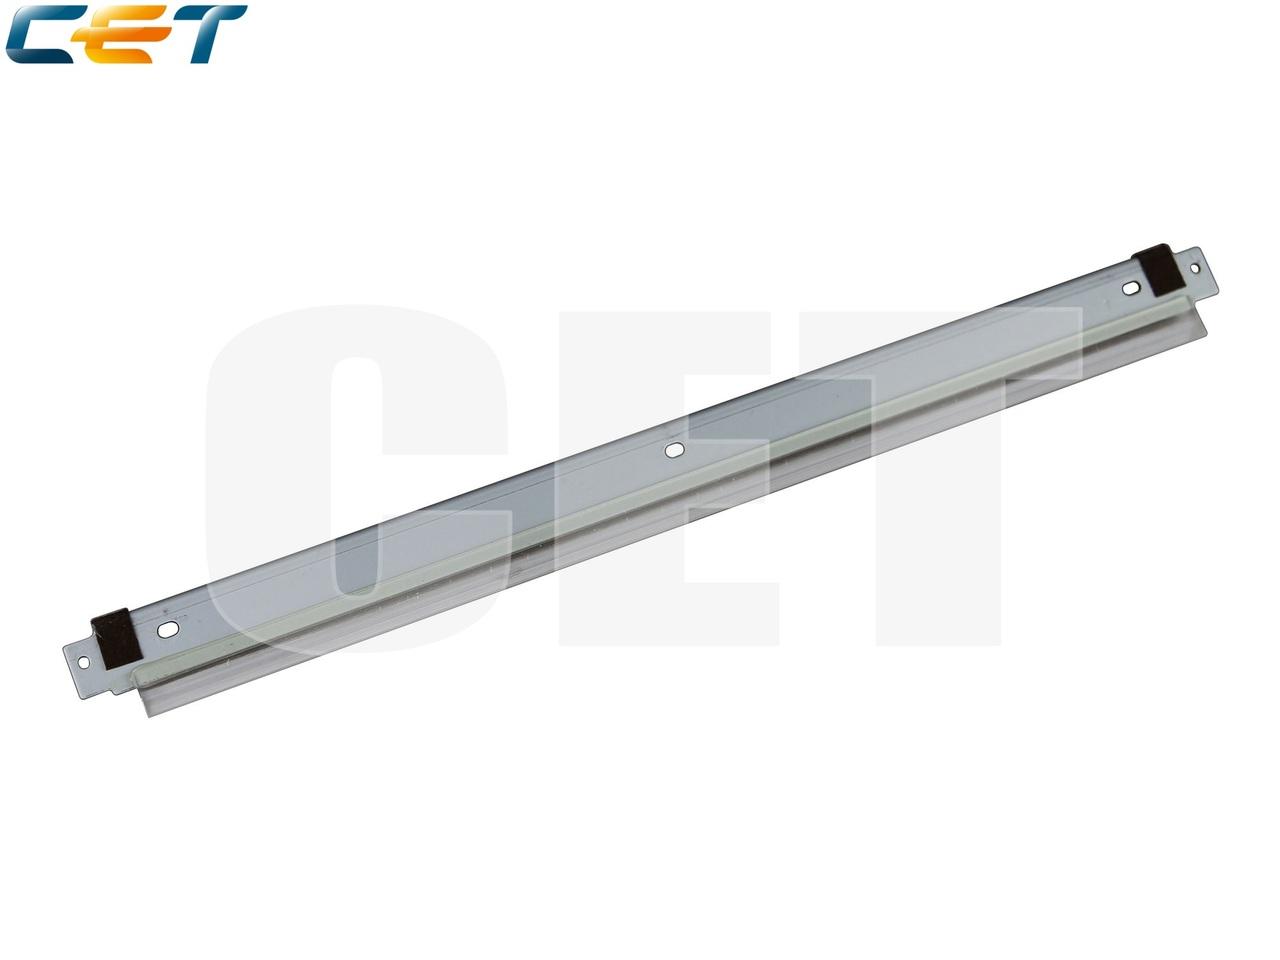 Лезвие очистки ленты переноса для KONICA MINOLTA BizhubC220/C226/C227 (CET), CET7056